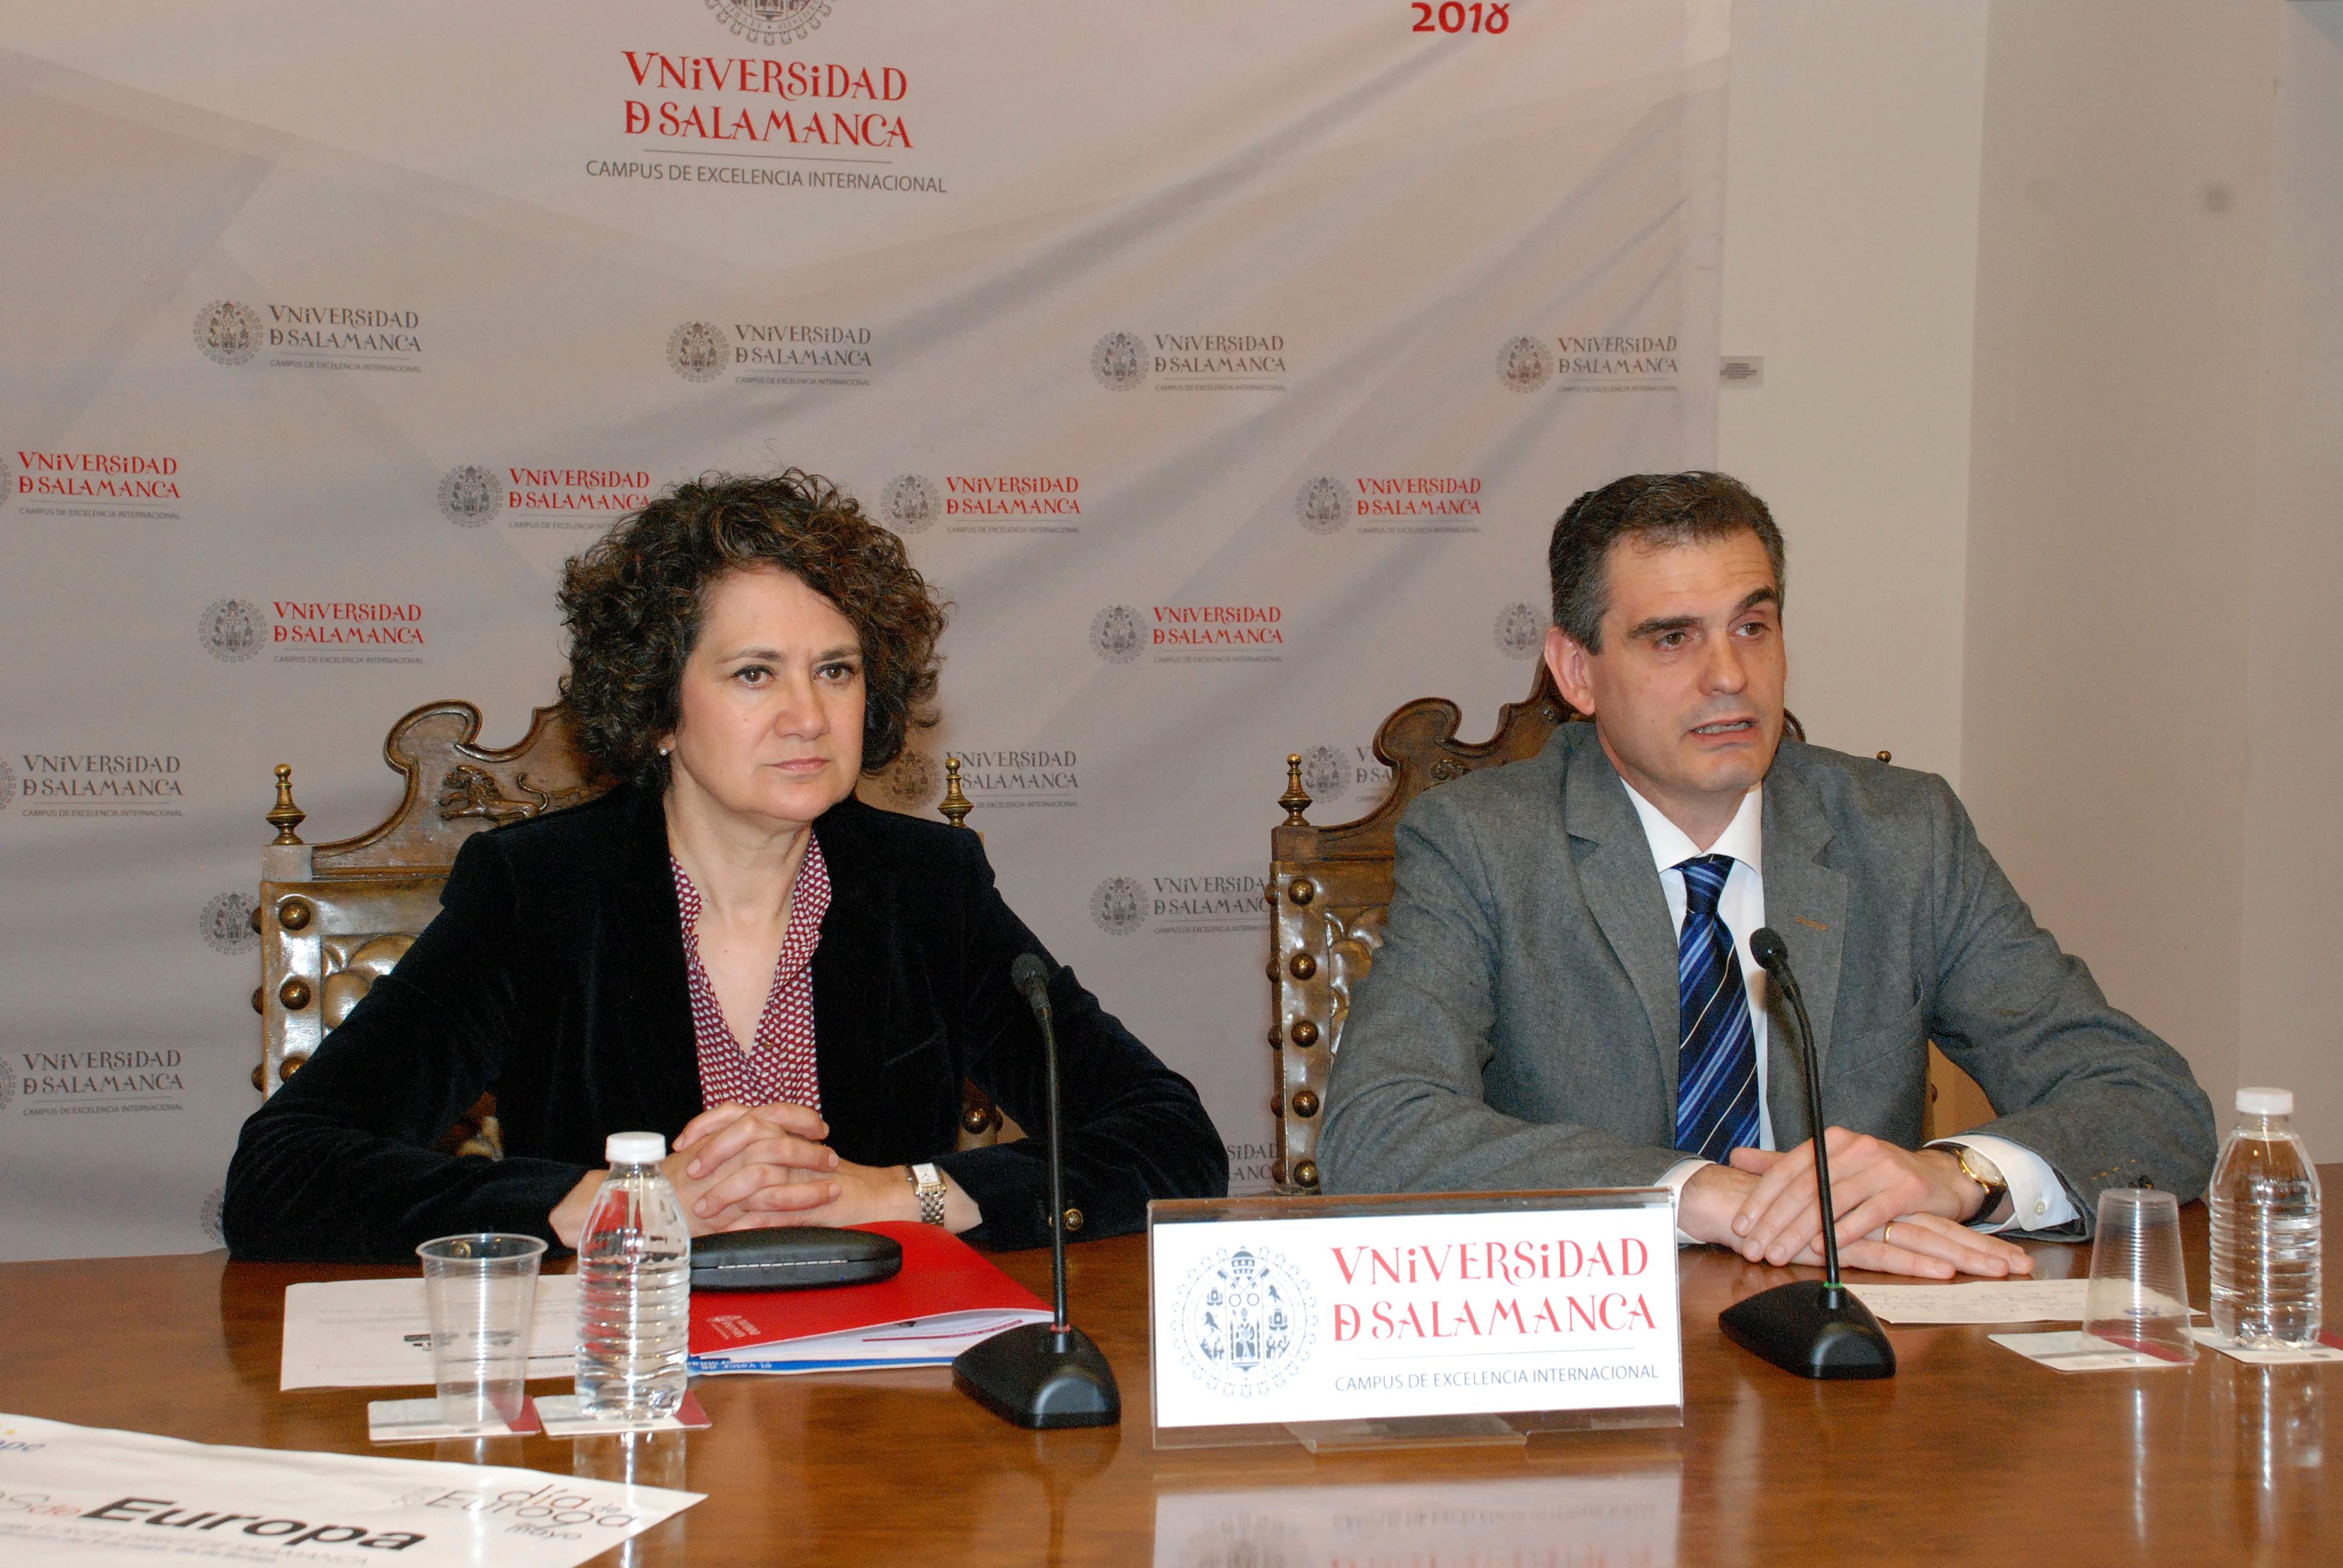 La Universidad de Salamanca celebra el Día de Europa con un amplio programa de actividades dirigido a todos los públicos